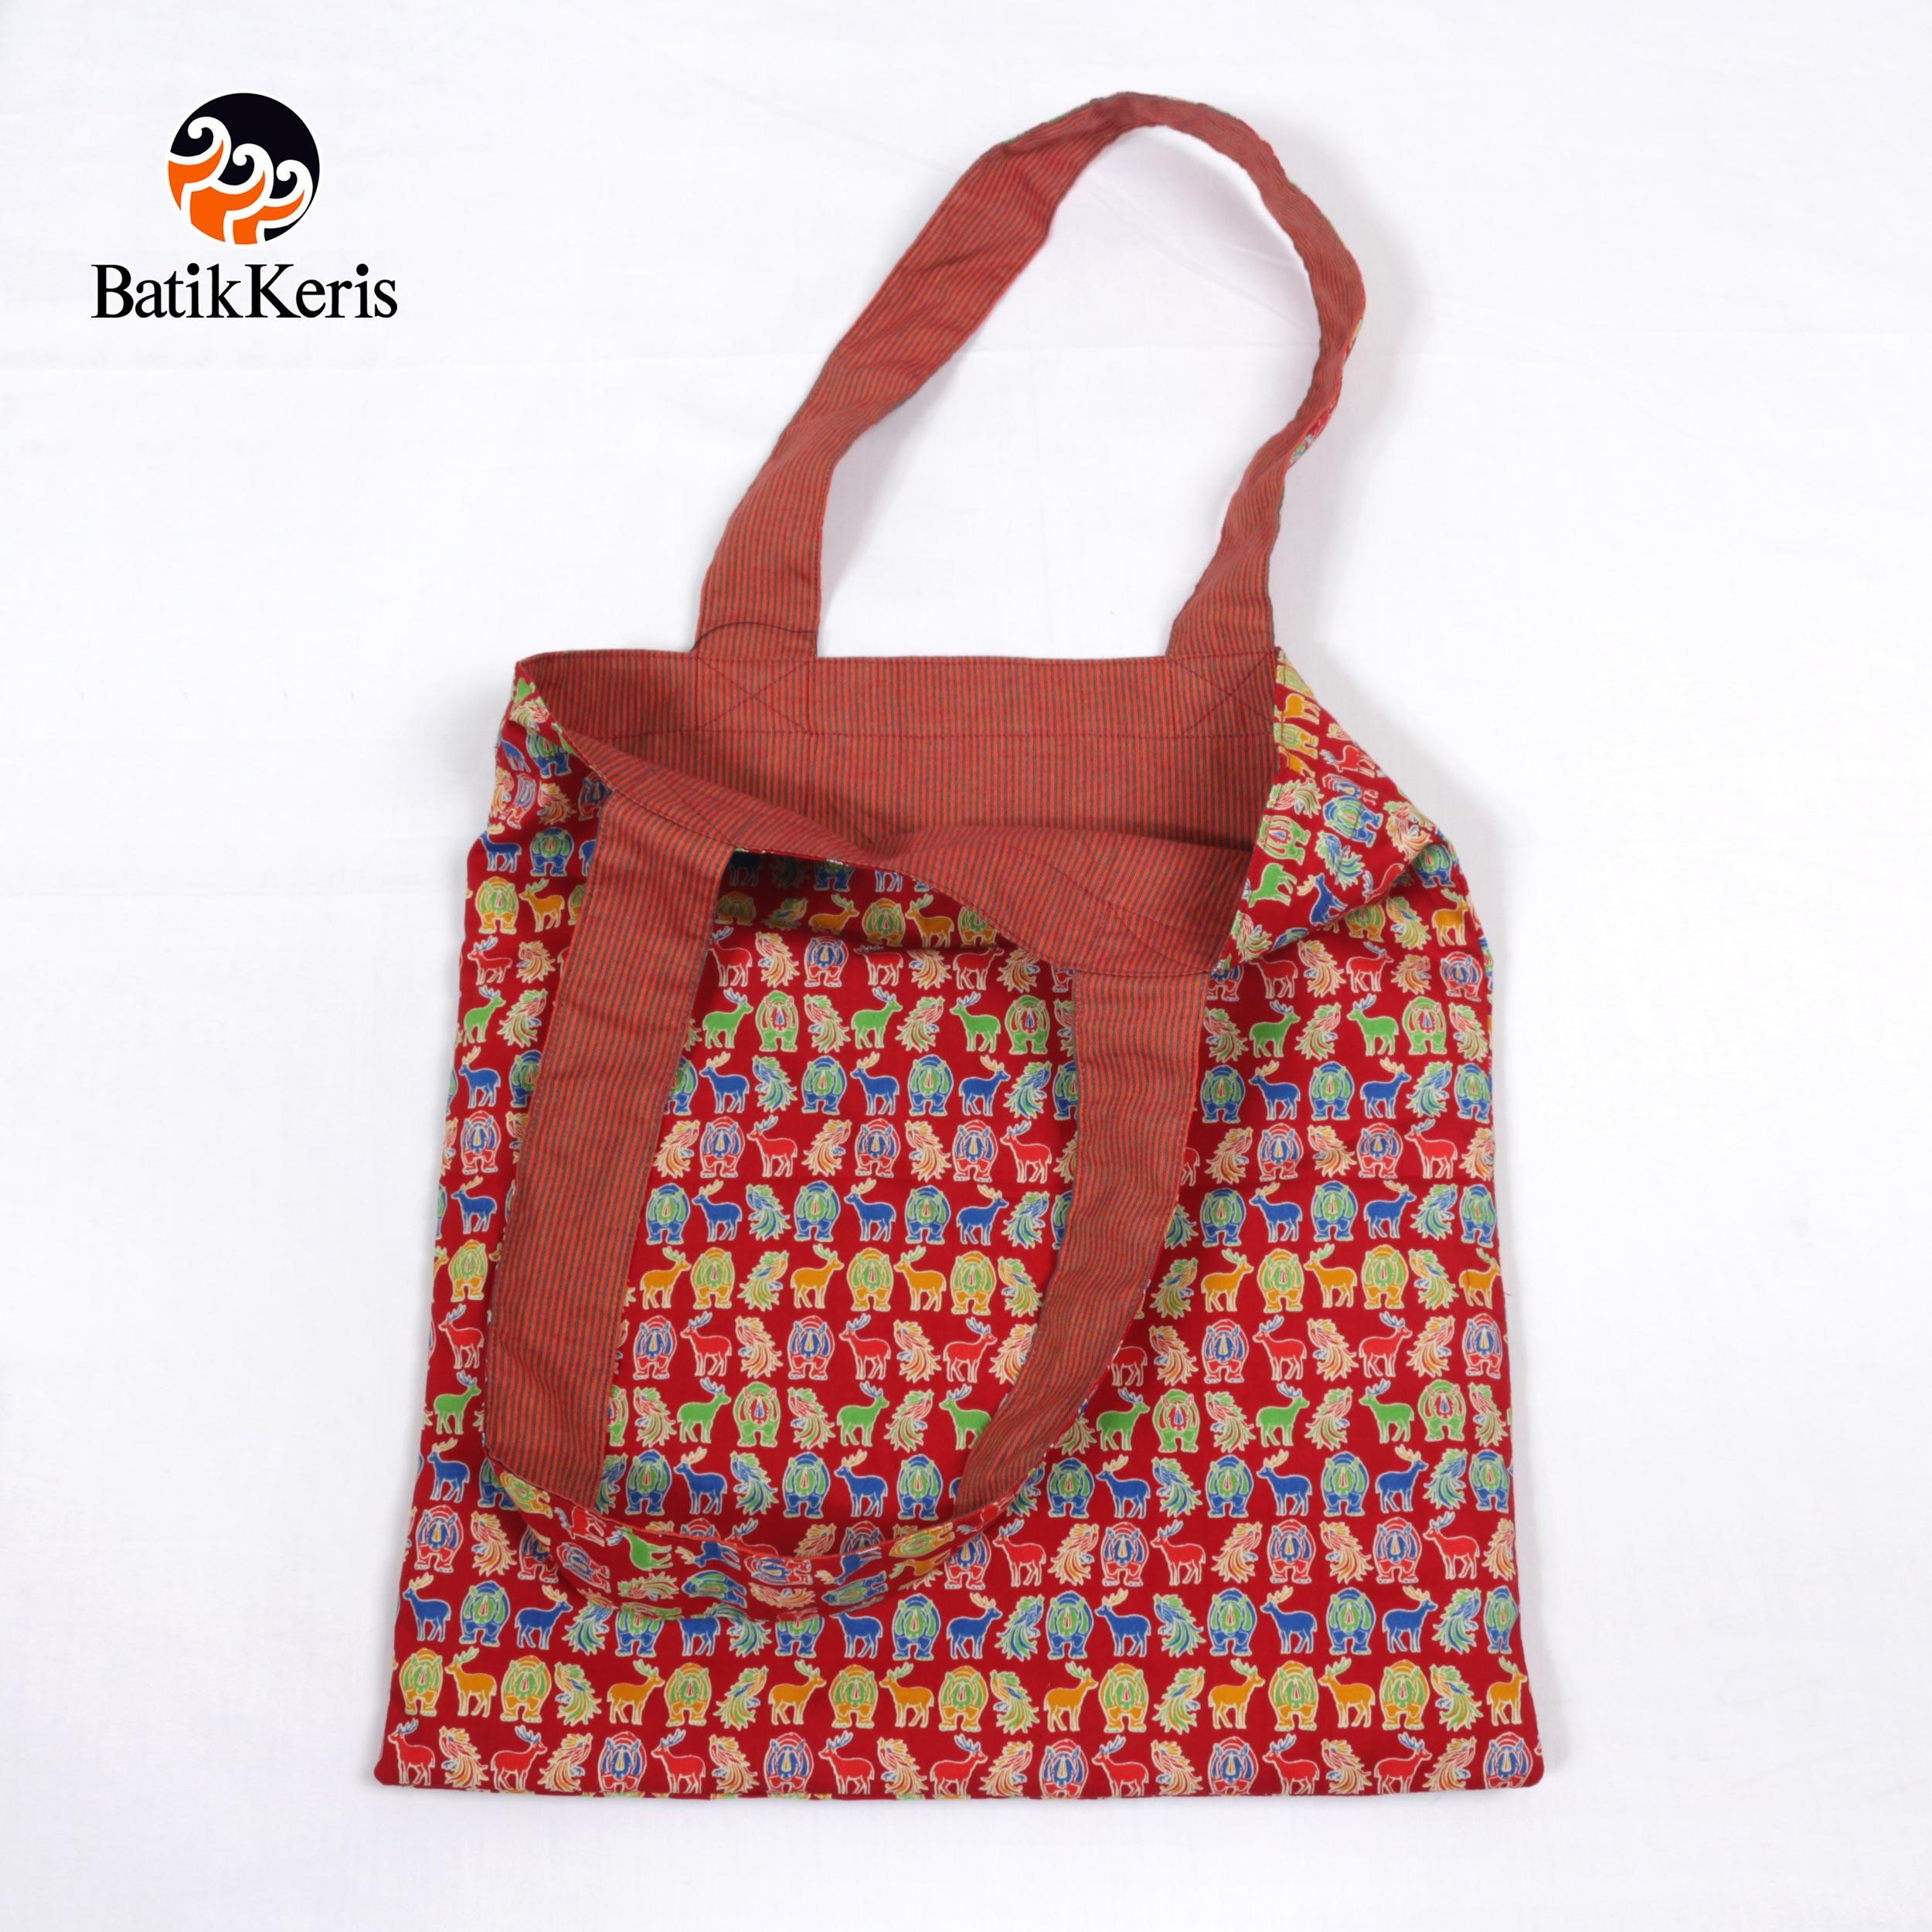 Reversible Totte Bag Motif Asian Komb Lurik